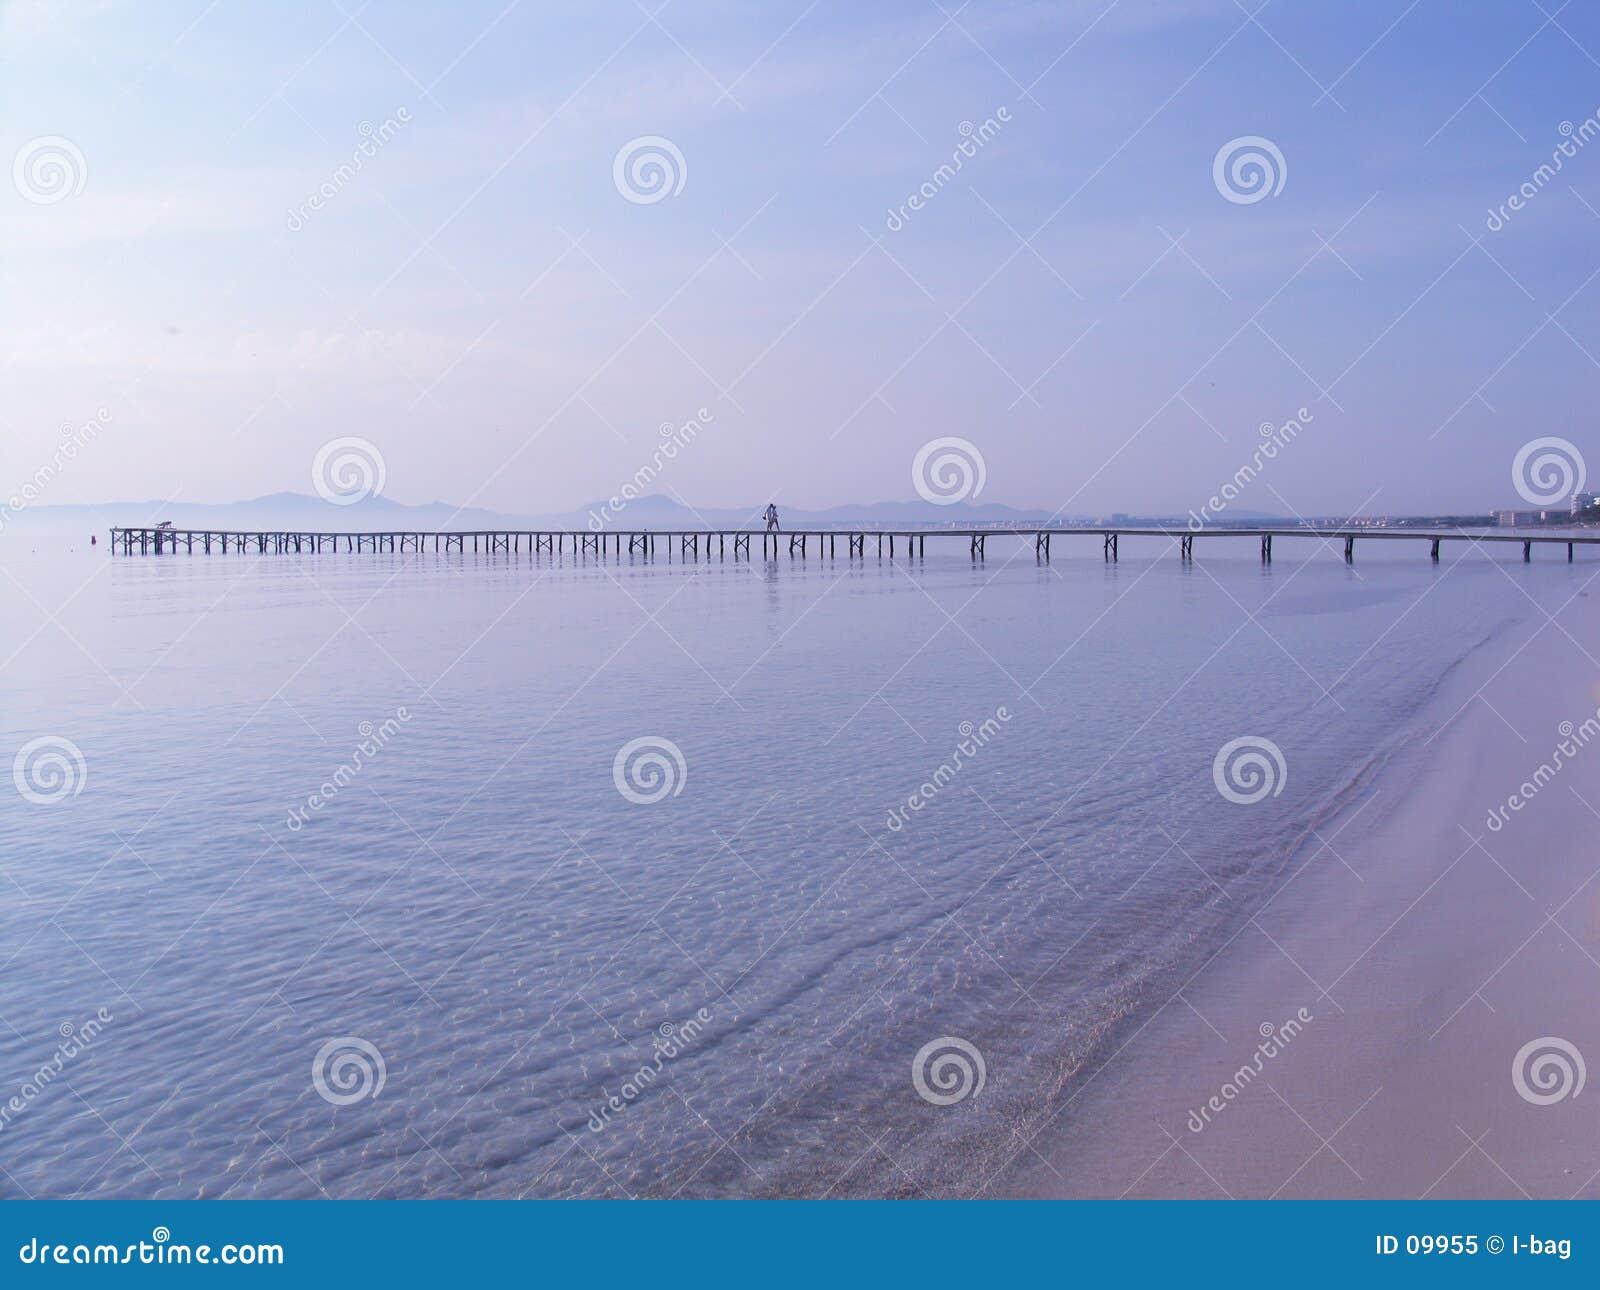 Pijler bij de oceaan